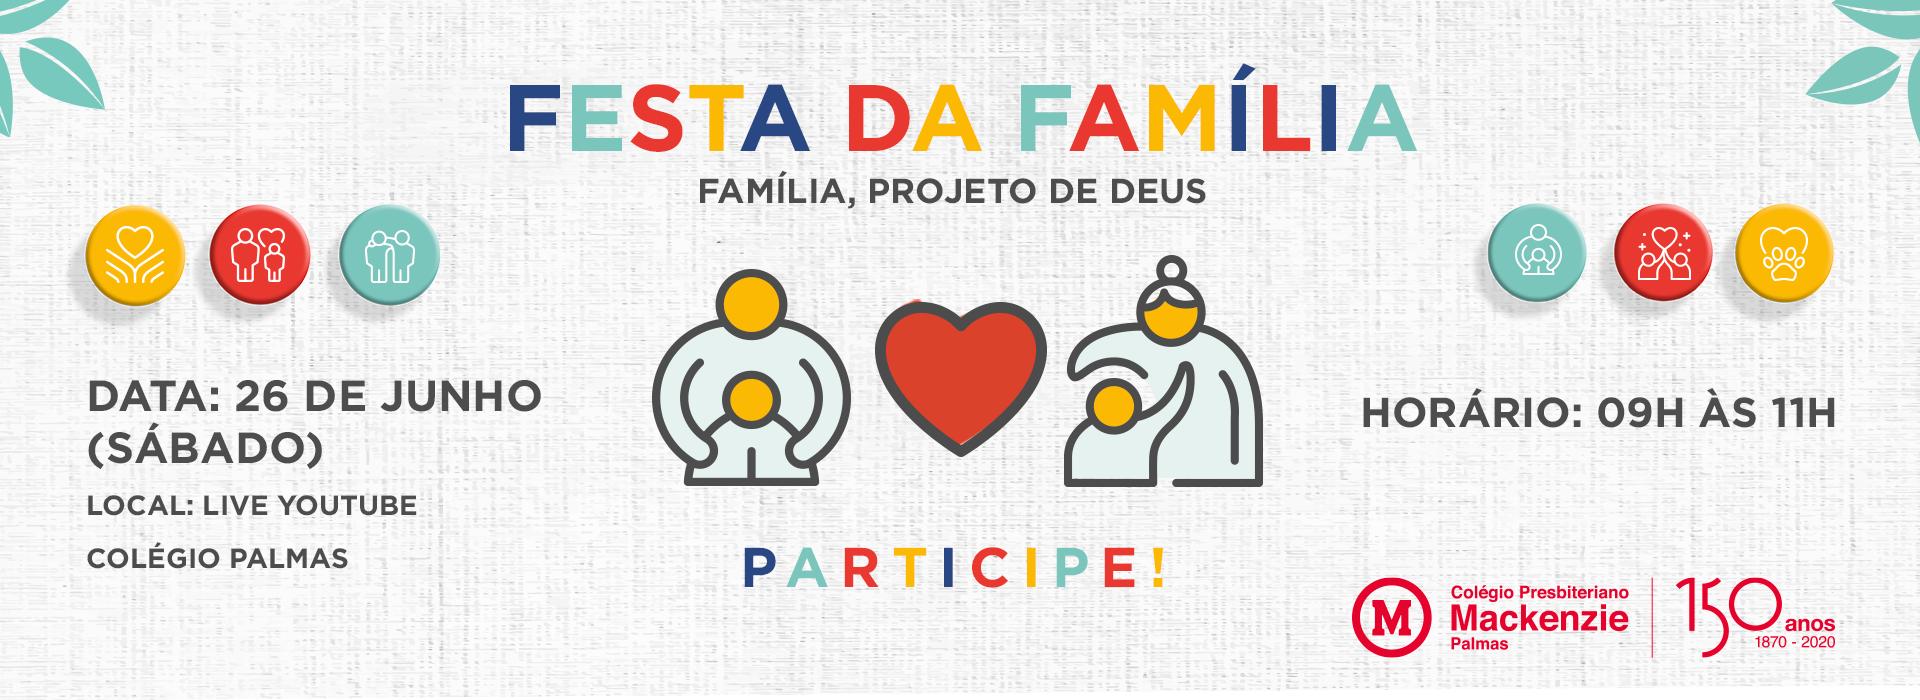 Banner da Festa da Família 2021 do Colégio Palmas